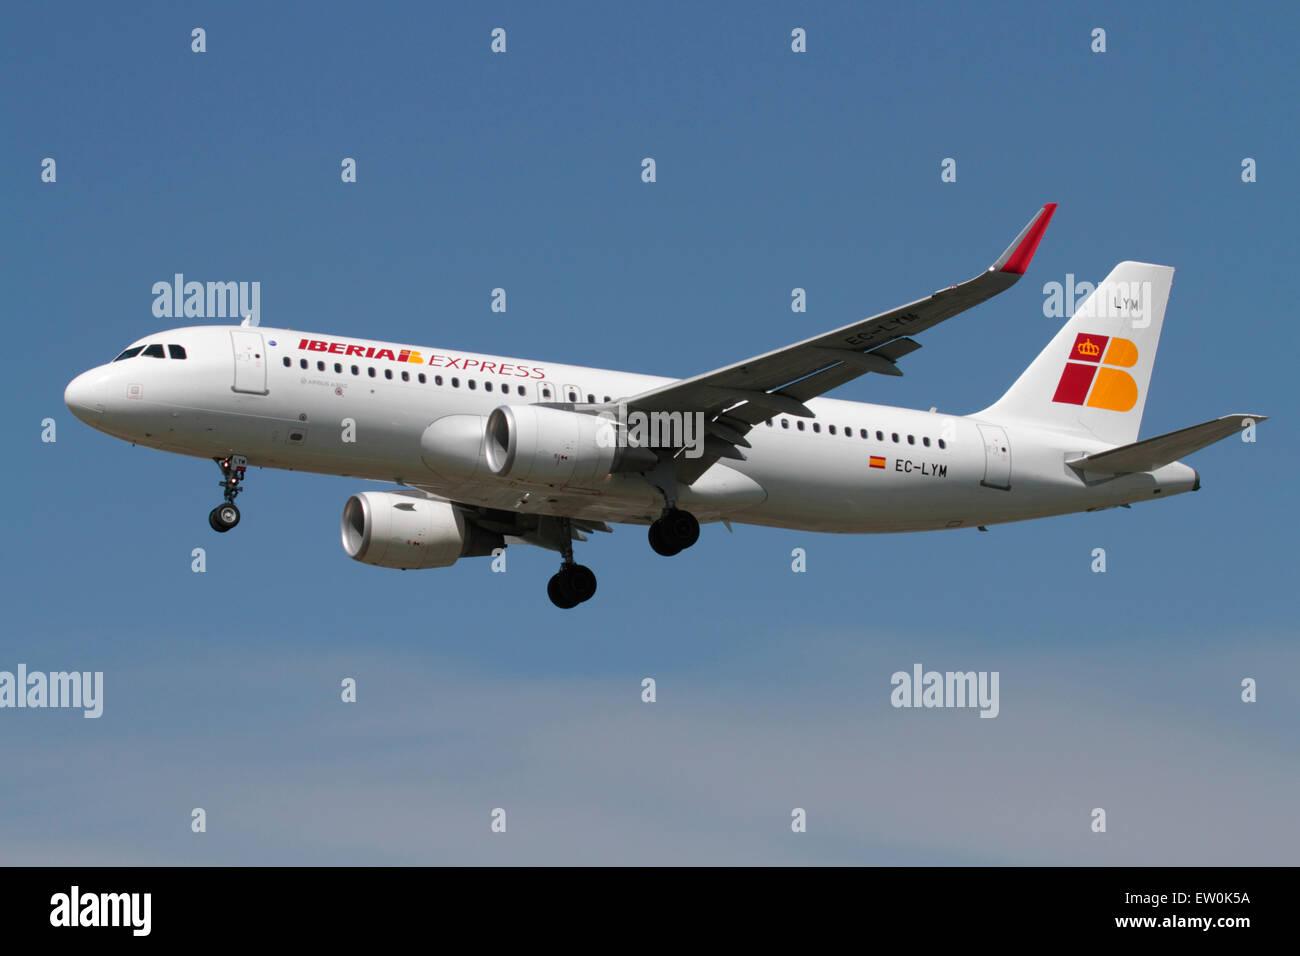 Le transport aérien commercial. Iberia Express avion Airbus A320 en approche Photo Stock